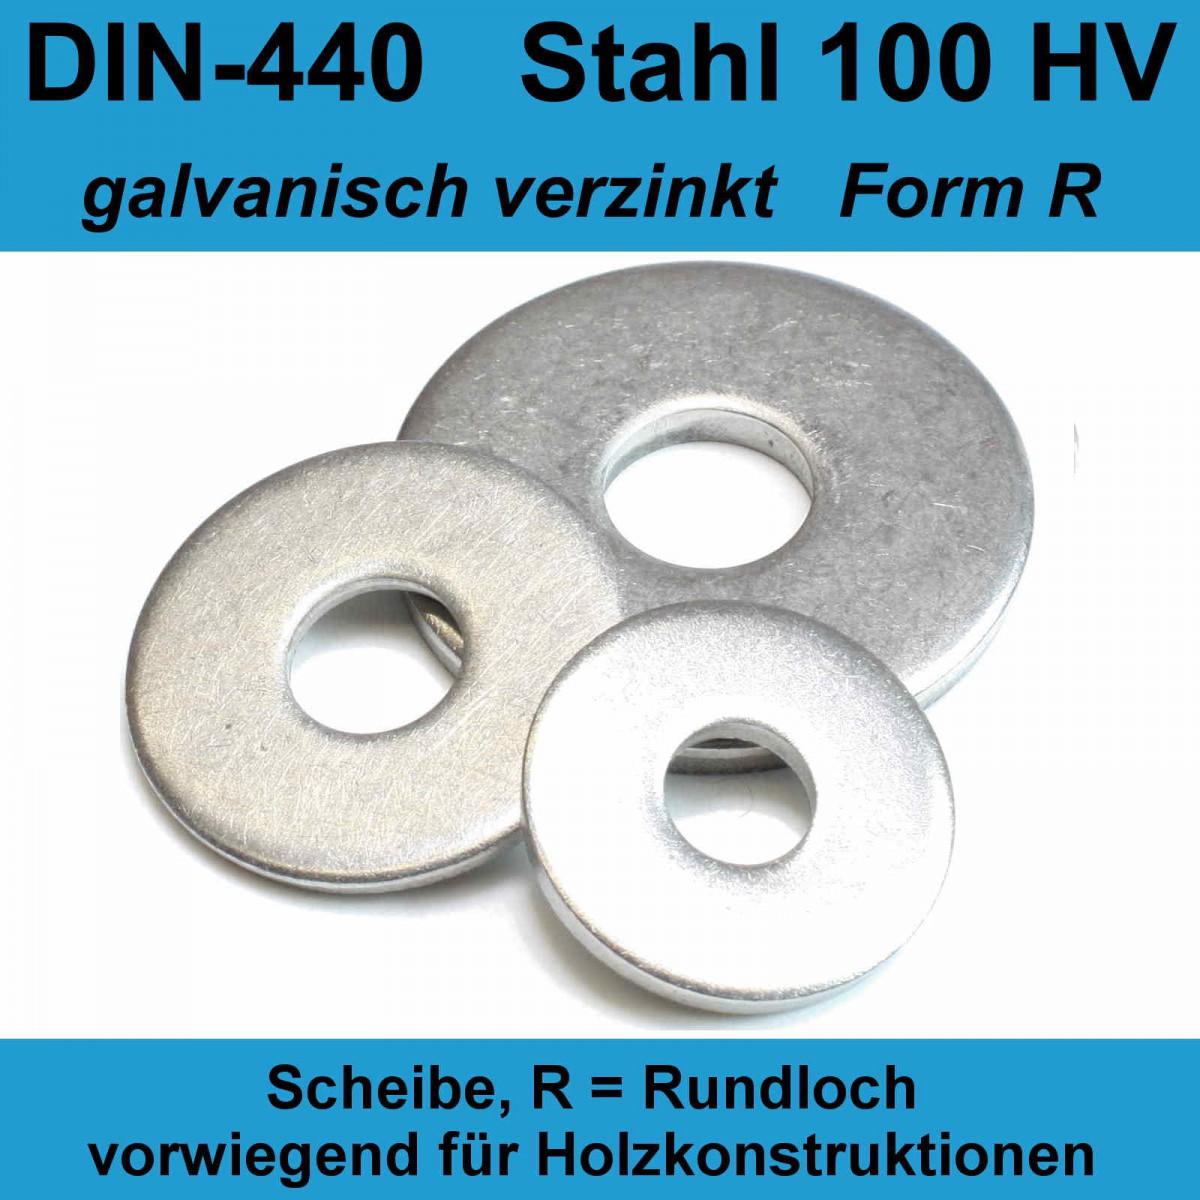 SN-TEC Sockelleistenstifte//kleine N/ägel 1,4 x 25 mm mit Riffelung am Schaft f/ür besseren Halt 200 St/ück